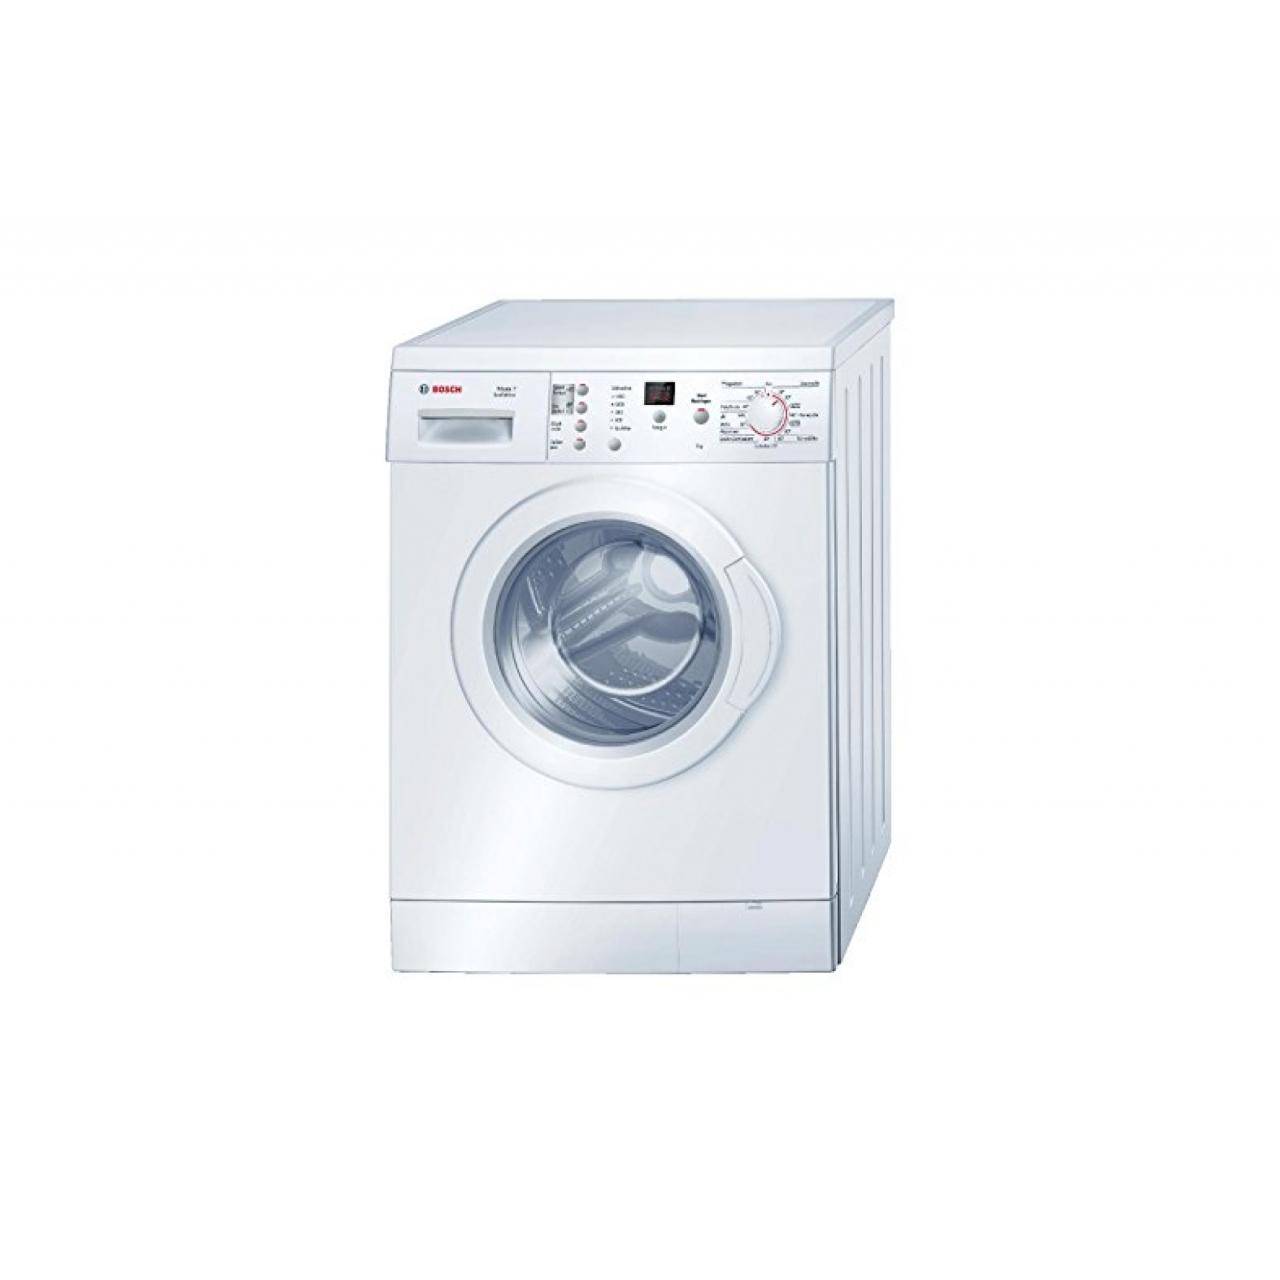 waschmaschine preis leistung test waschmaschine test waschmaschine 2013 bosch gorenje wa 6840. Black Bedroom Furniture Sets. Home Design Ideas